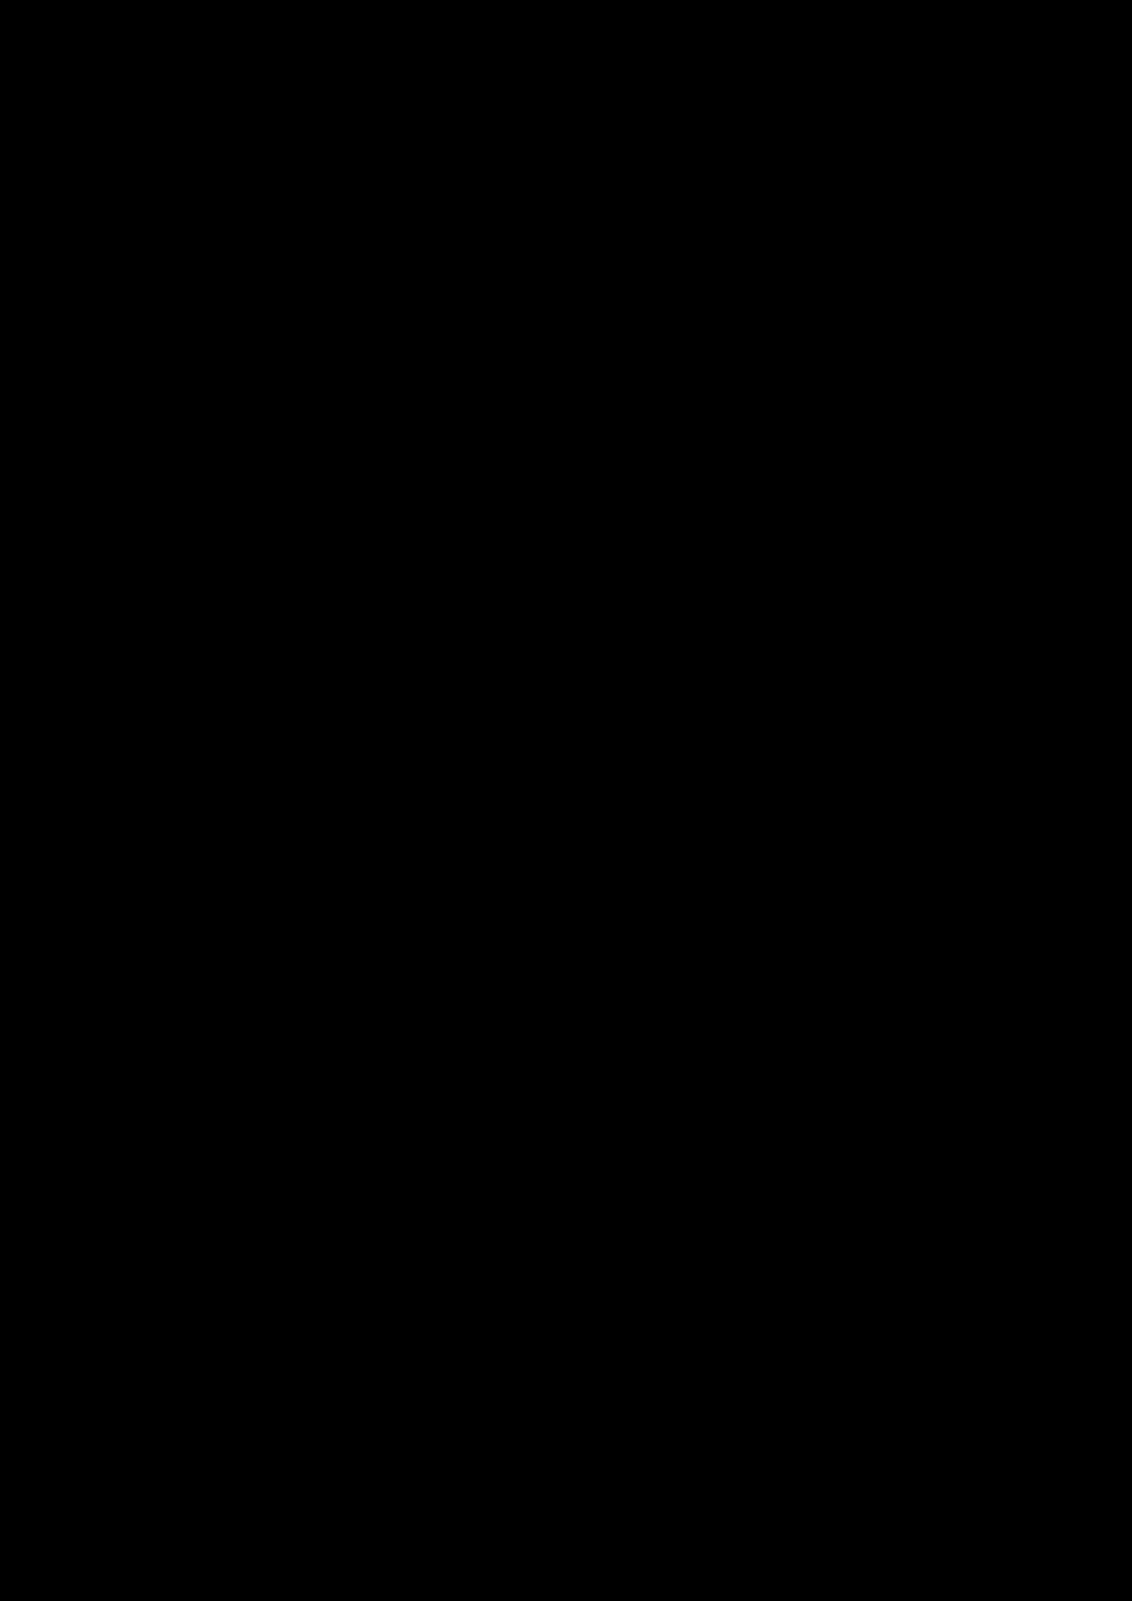 Zagadka volshebnoy stranyi slide, Image 62